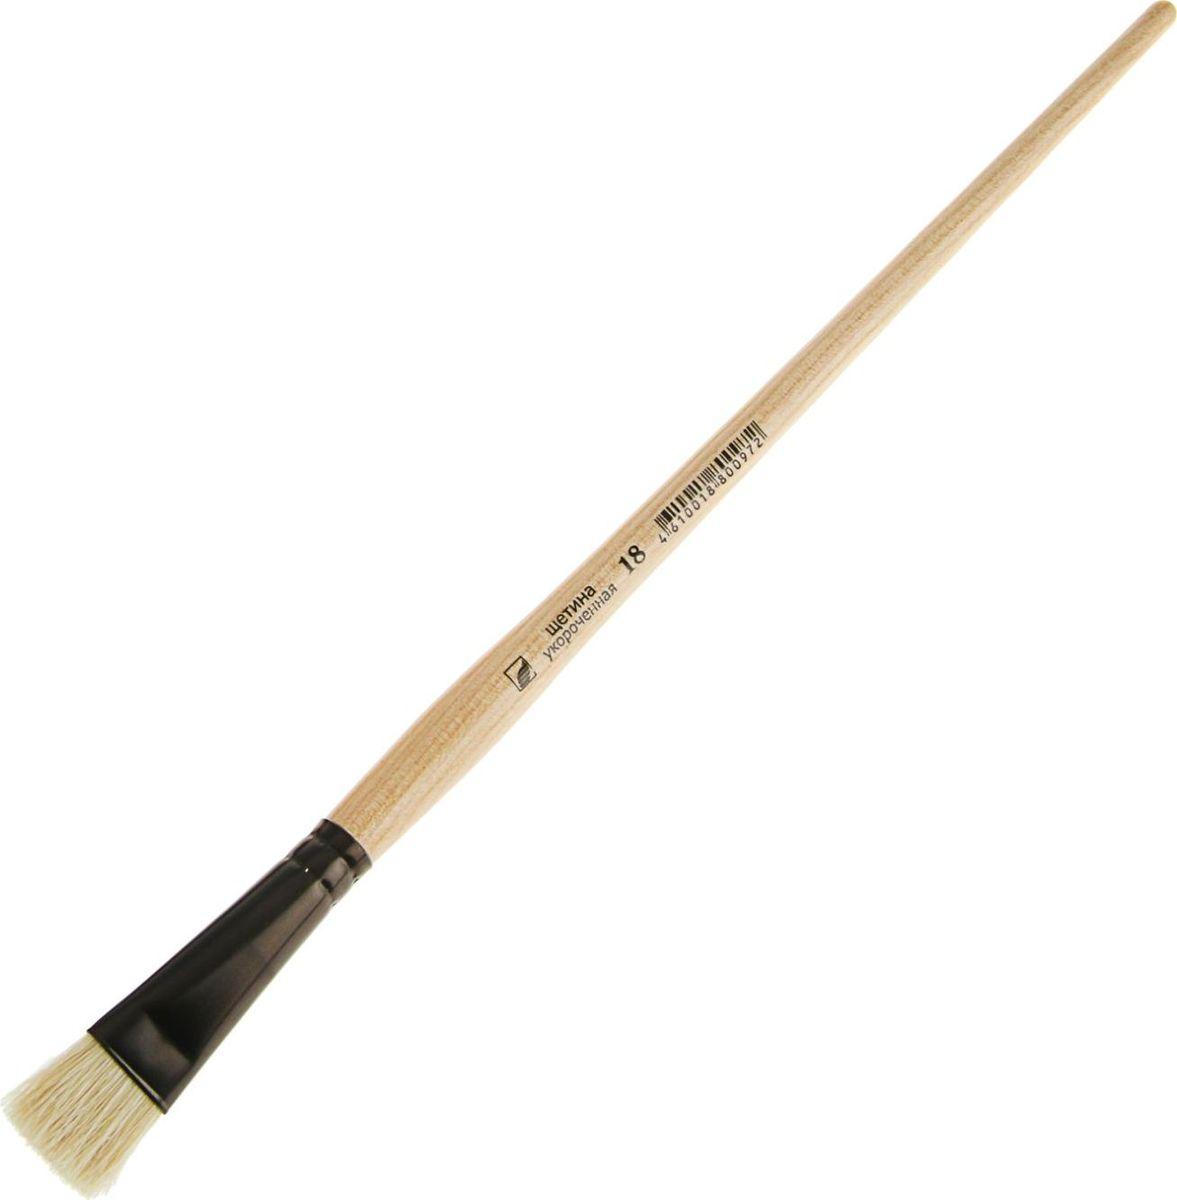 Альбатрос Кисть Хобби из нейлона плоская укороченная № 18PP-220Художественная кисть Хобби изготовлена из упругого синтетического волоса. Она имеет укороченную выставку щетинок и прекрасно подходит для плотных красок.Таким инструментом вам будет удобно делать короткие точные мазки.Имеет покрытую глянцевым лаком деревянную ручку и алюминиевую цельнотянутую обойму.Изделие поможет вам творить и вдохновит на создание новых шедевров!